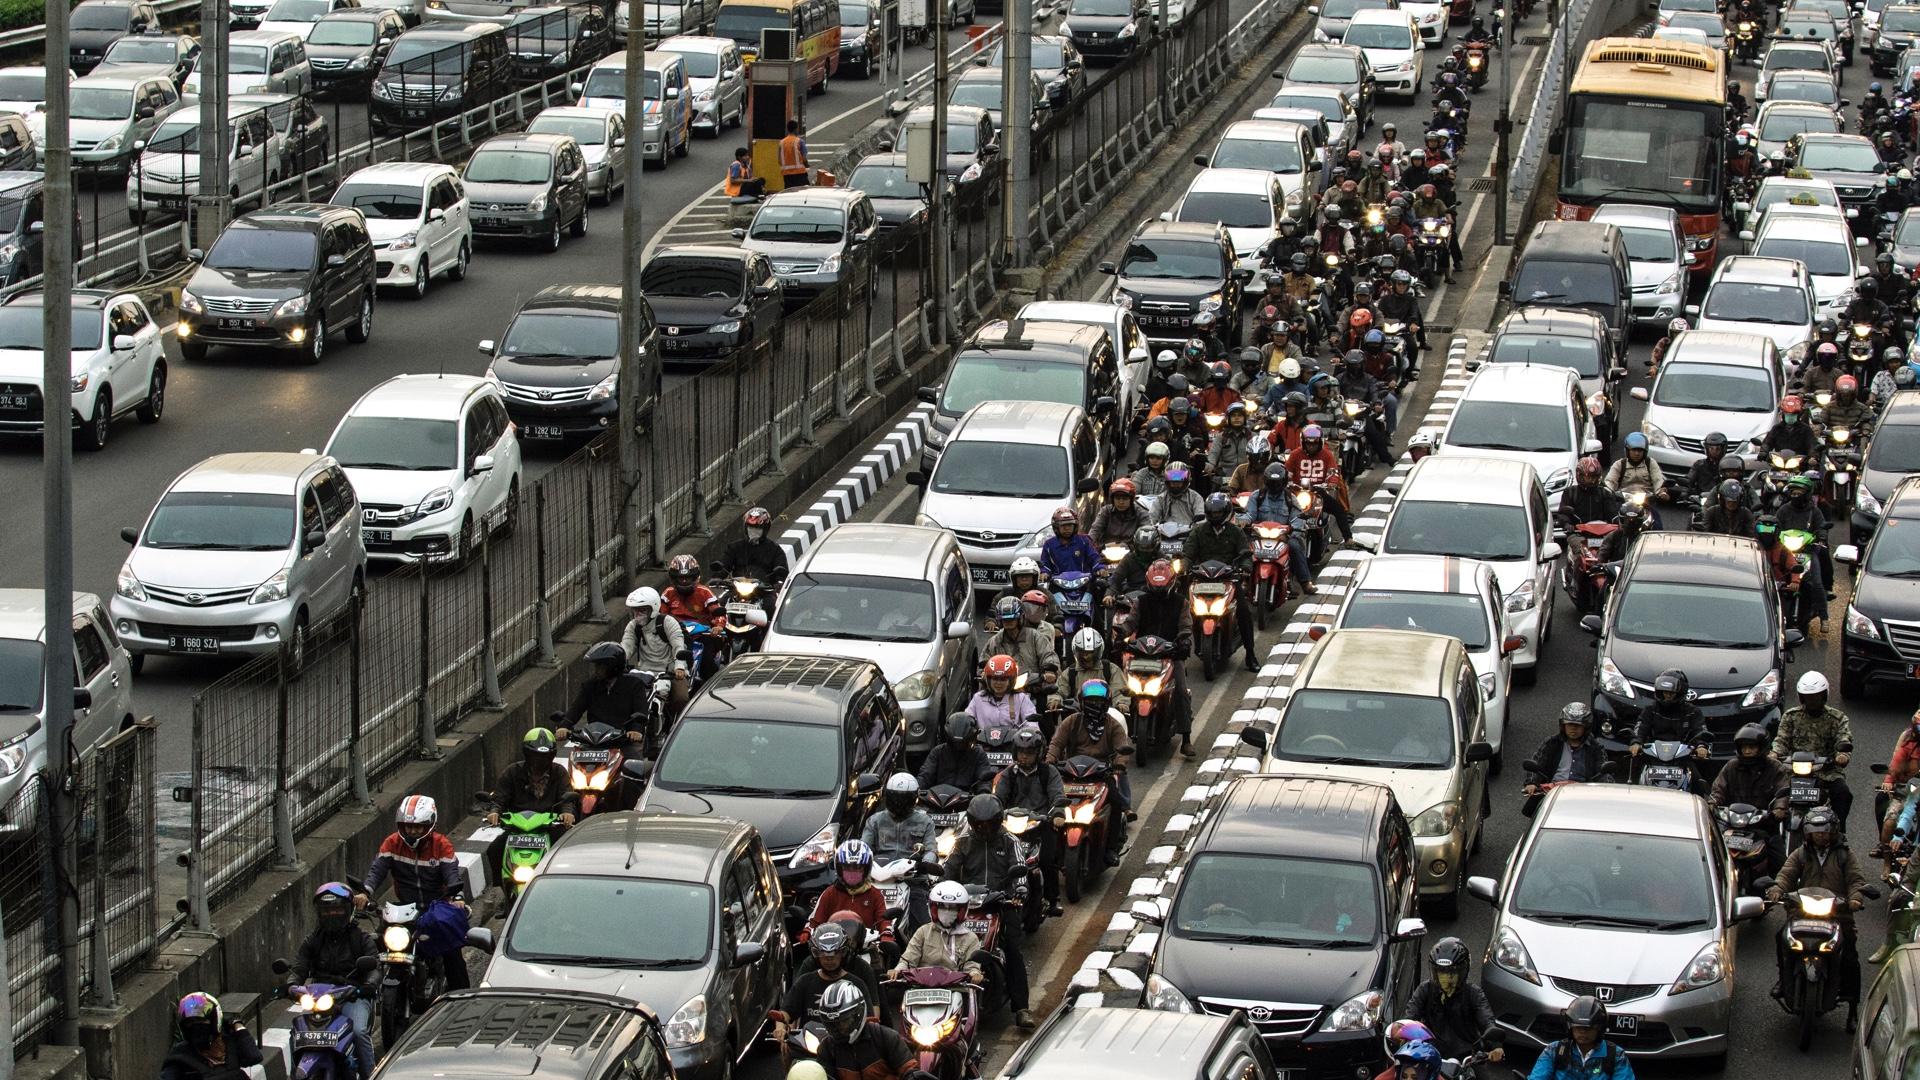 Jakarta, Indonesia, Waze